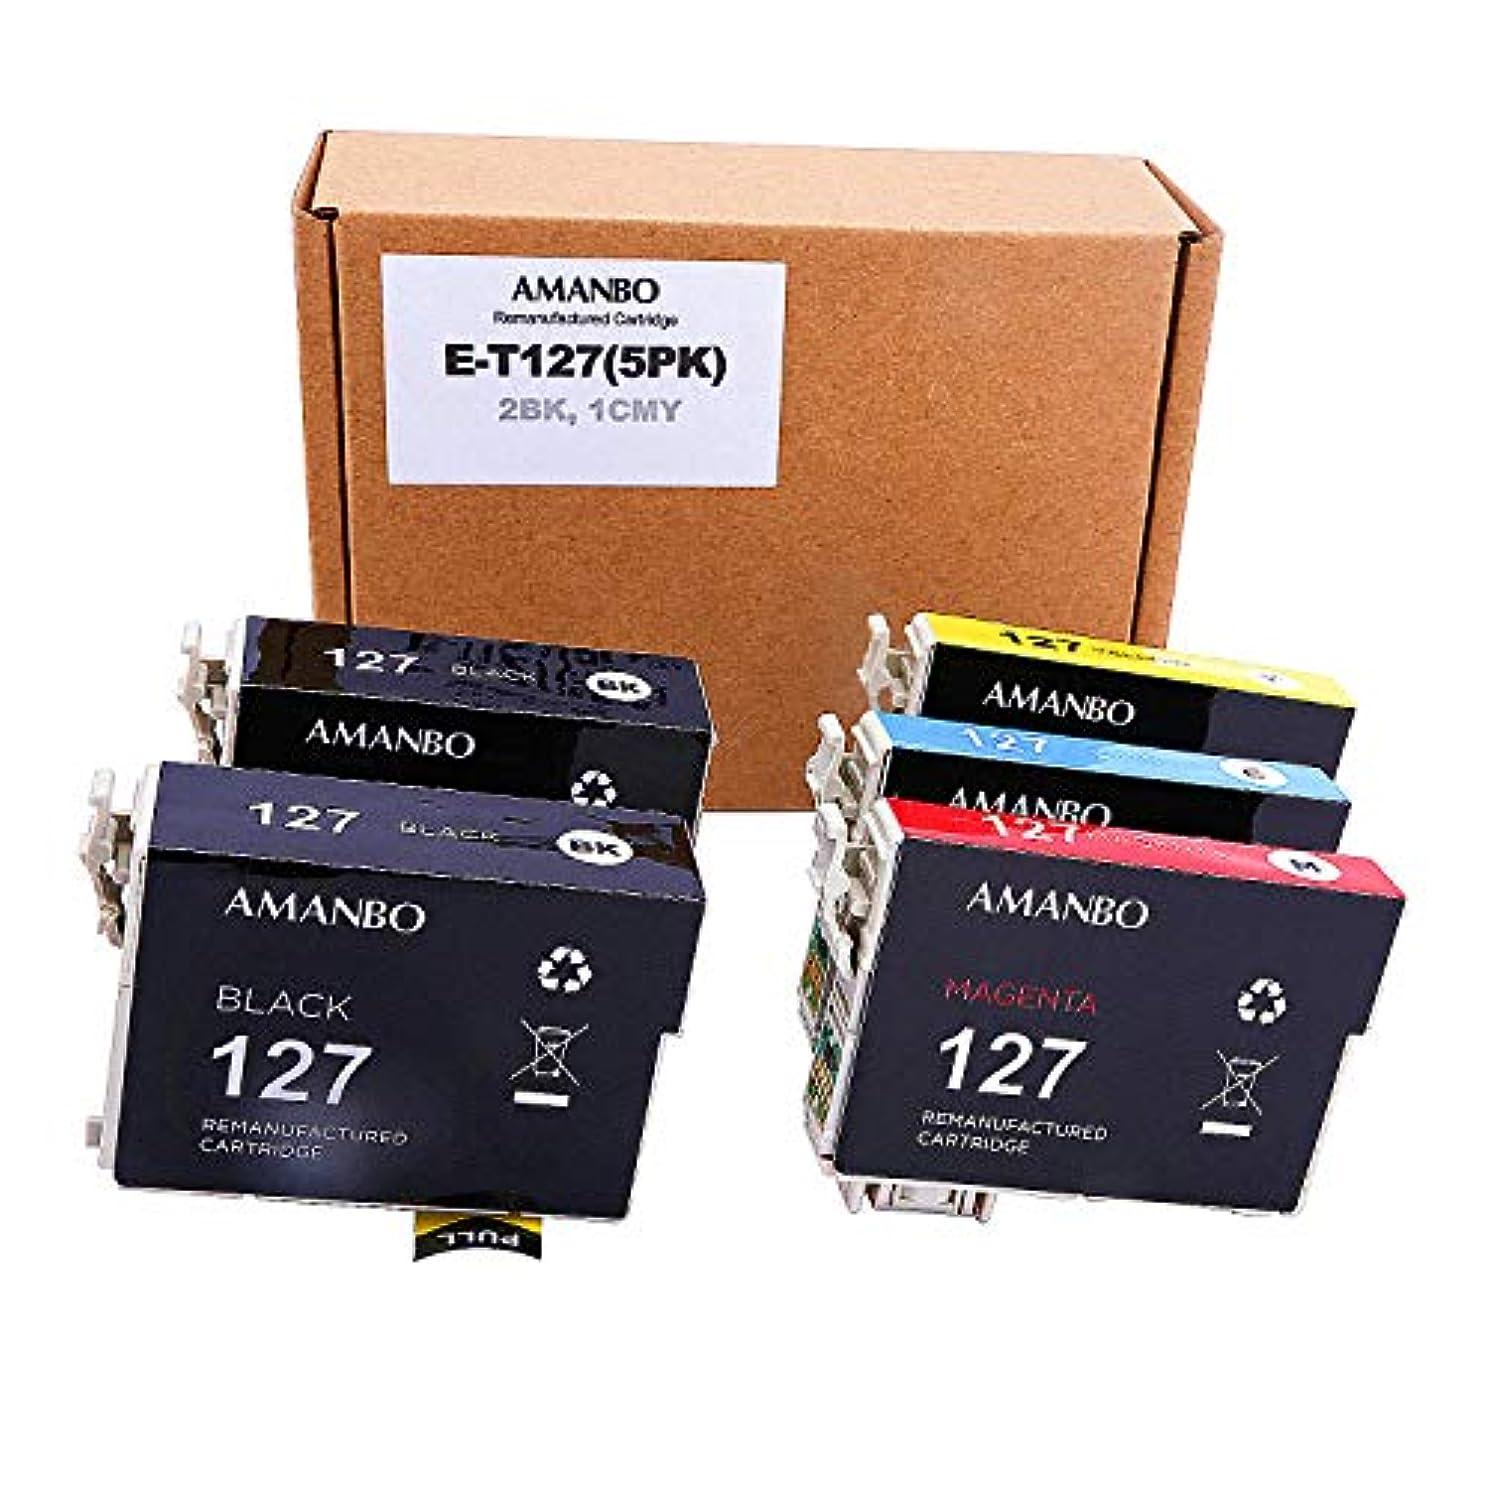 Amanbo Remanufactured Ink Cartridges Replacement for Epson 127XL T127 to use with NX530 NX625 WF-3520 WF-3530 WF-3540 WF-7010 WF-7510 WF-7520 545 645 (2 Black, 1 Cyan, 1 Magenta, 1 Yellow)